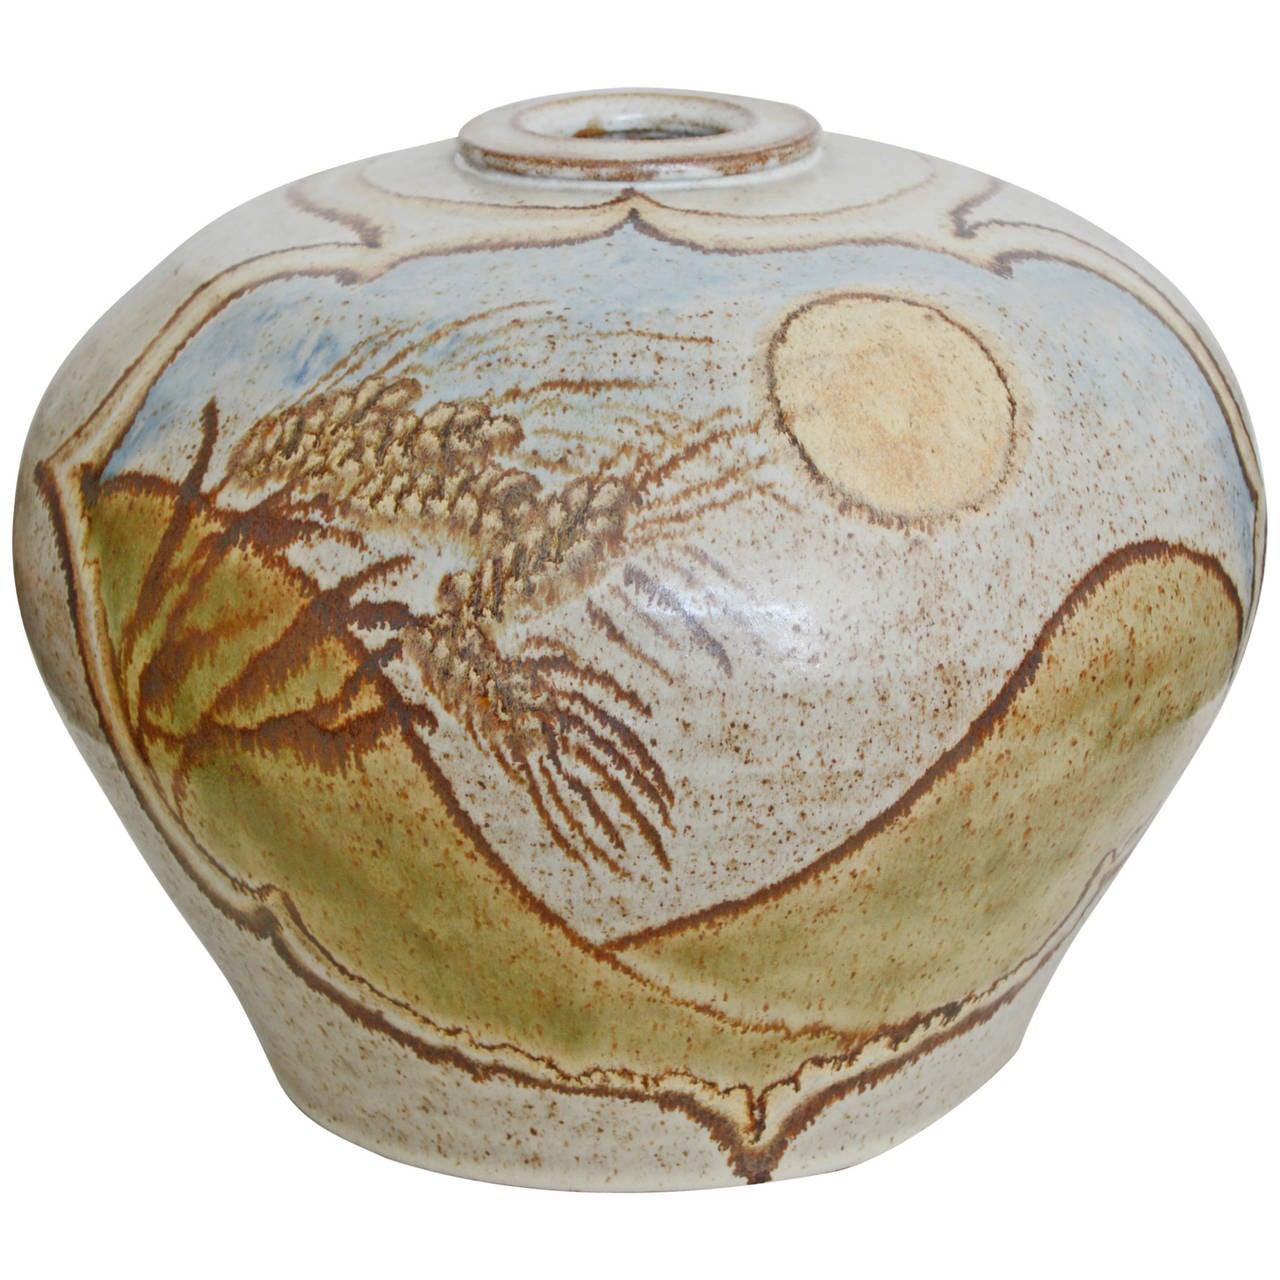 Large sasha makovkin pottery floor vase for sale at 1stdibs large sasha makovkin pottery floor vase for sale reviewsmspy